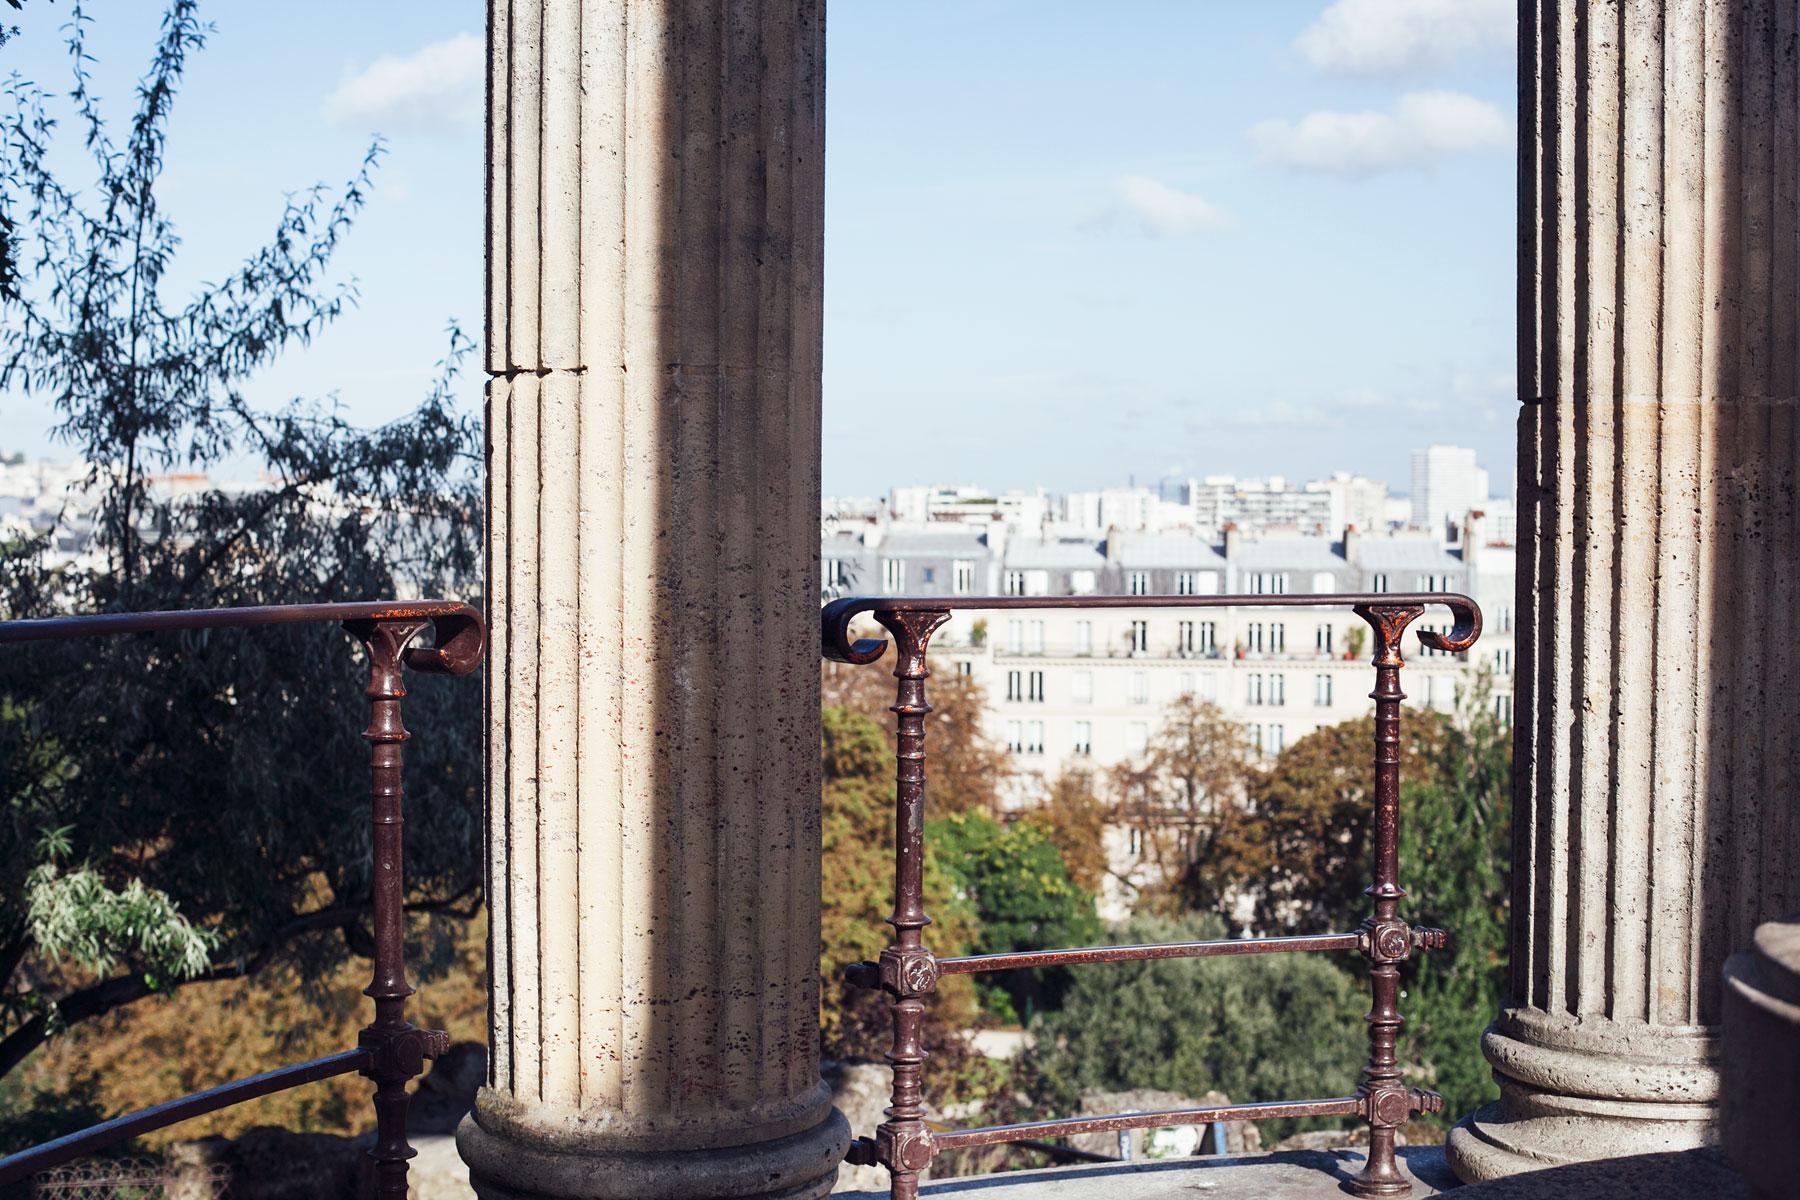 Parc des Buttes-Chaumont by Carin Olsson (Paris in Four Months)